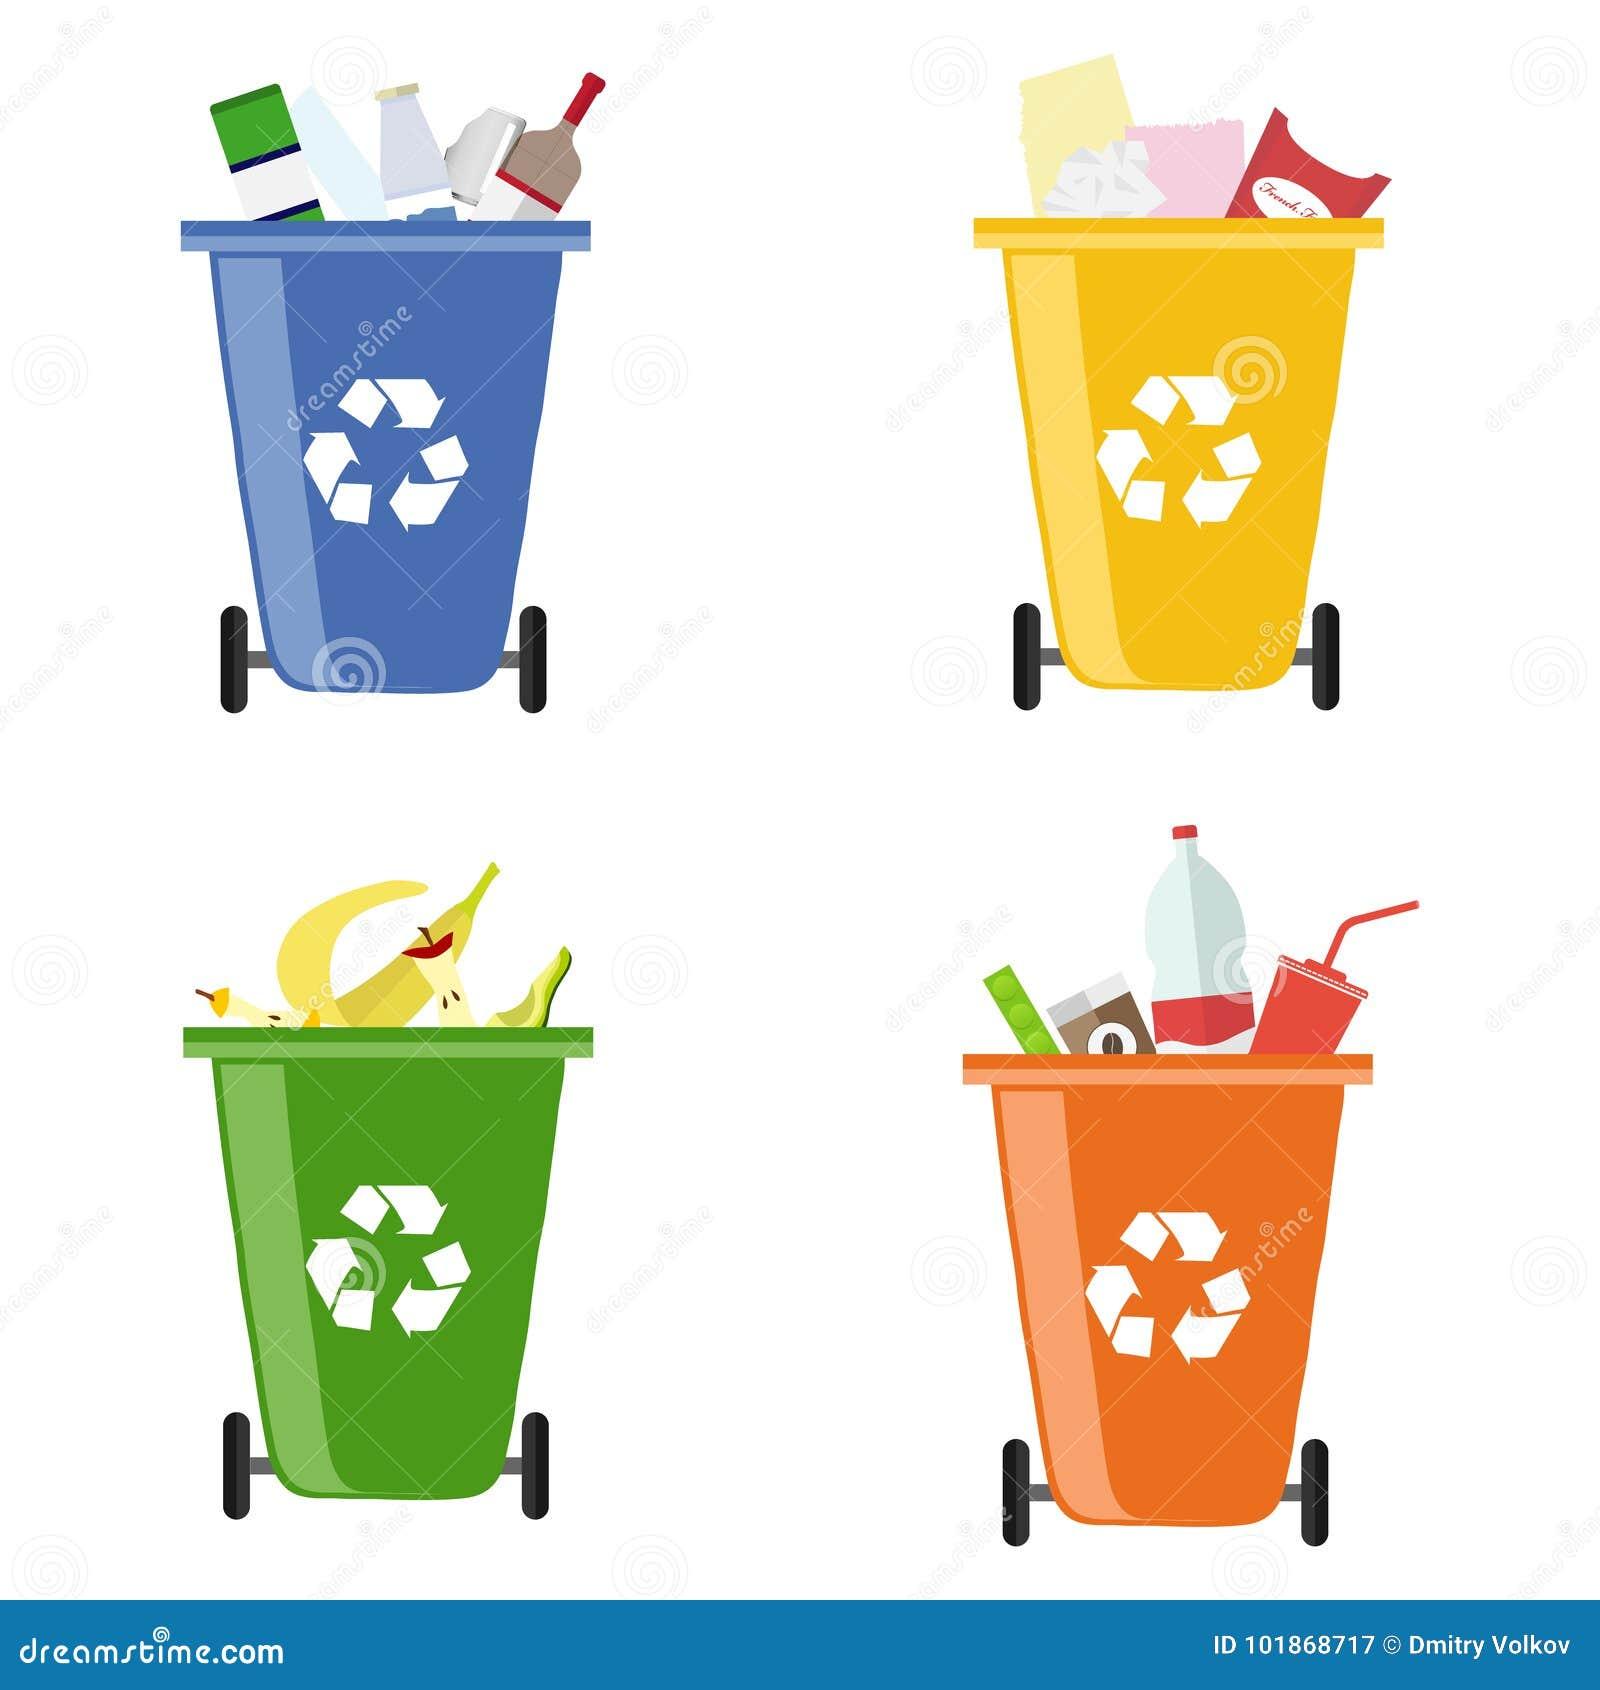 Huisvuilbakken Containers voor verschillend huisvuil Gescheiden inzameling van huisvuil